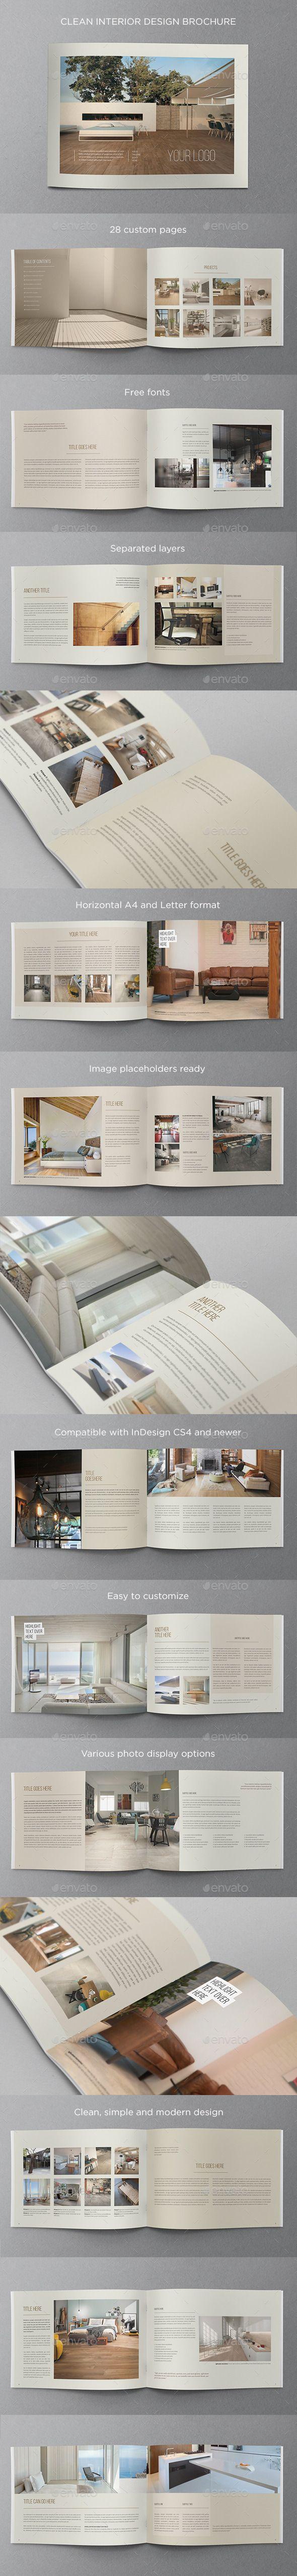 Clean Interior Design Brochure   Katalog, Immobilien und Grafikdesign